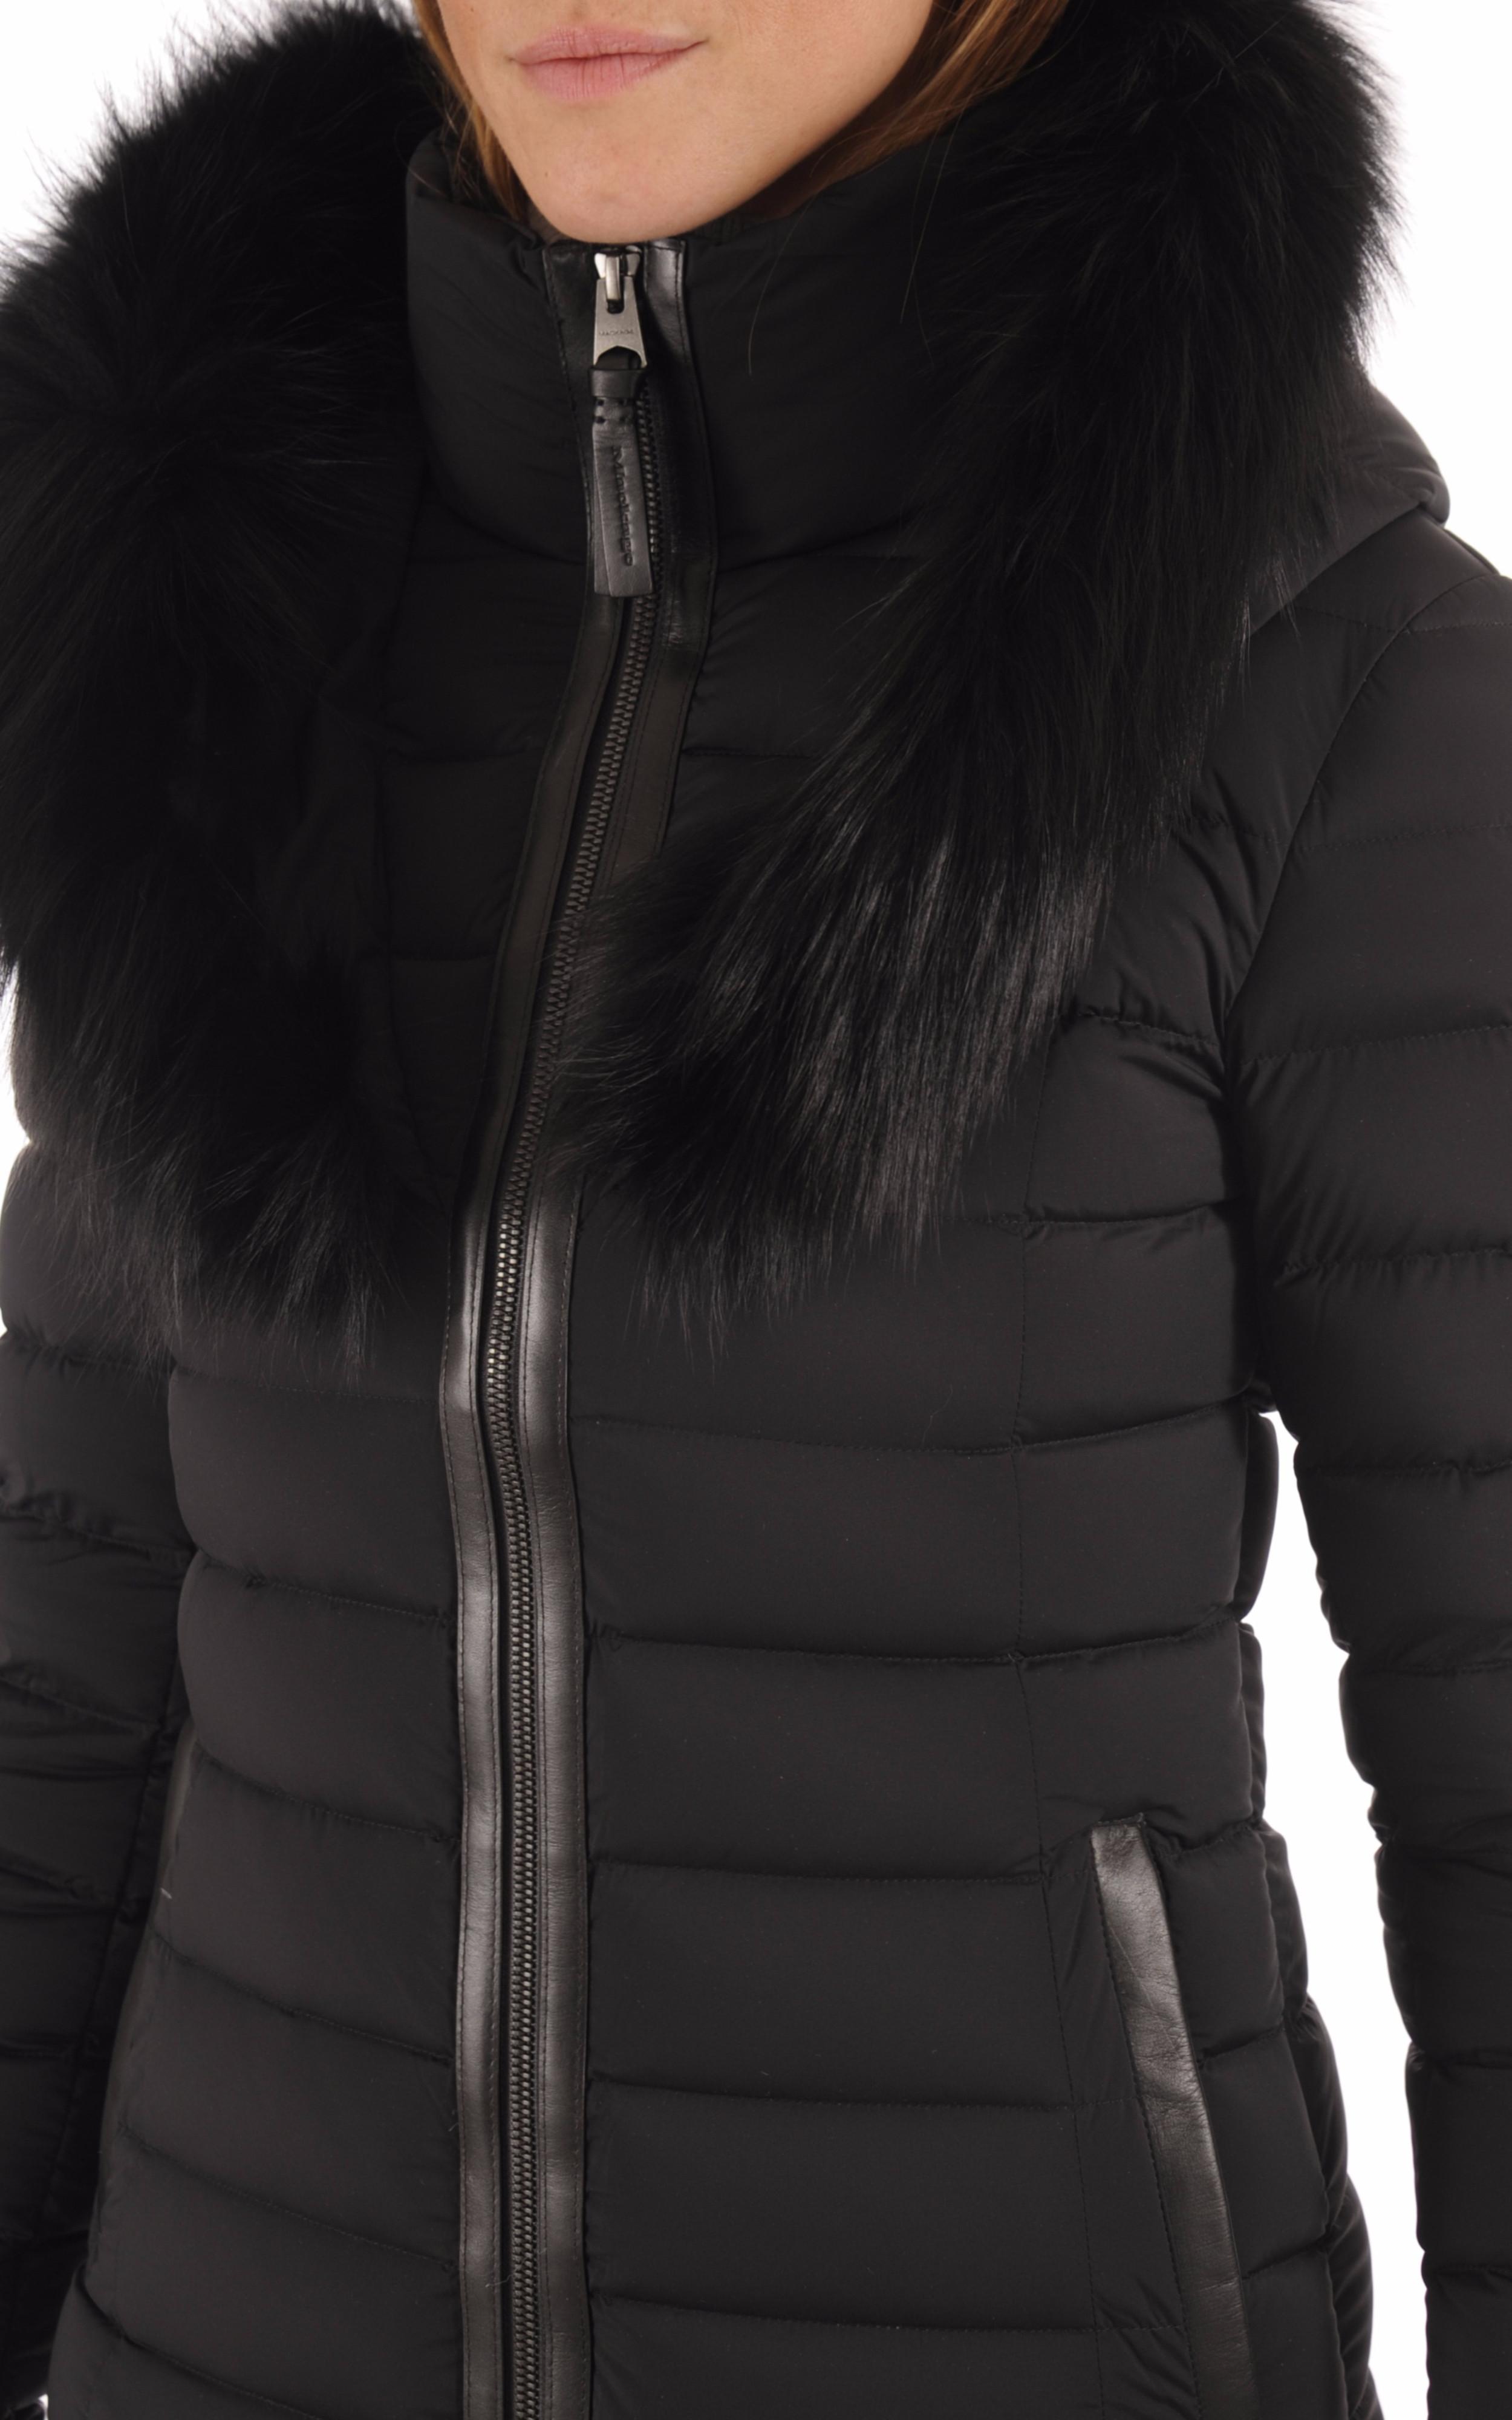 Doudoune Kadalina-x noire Mackage